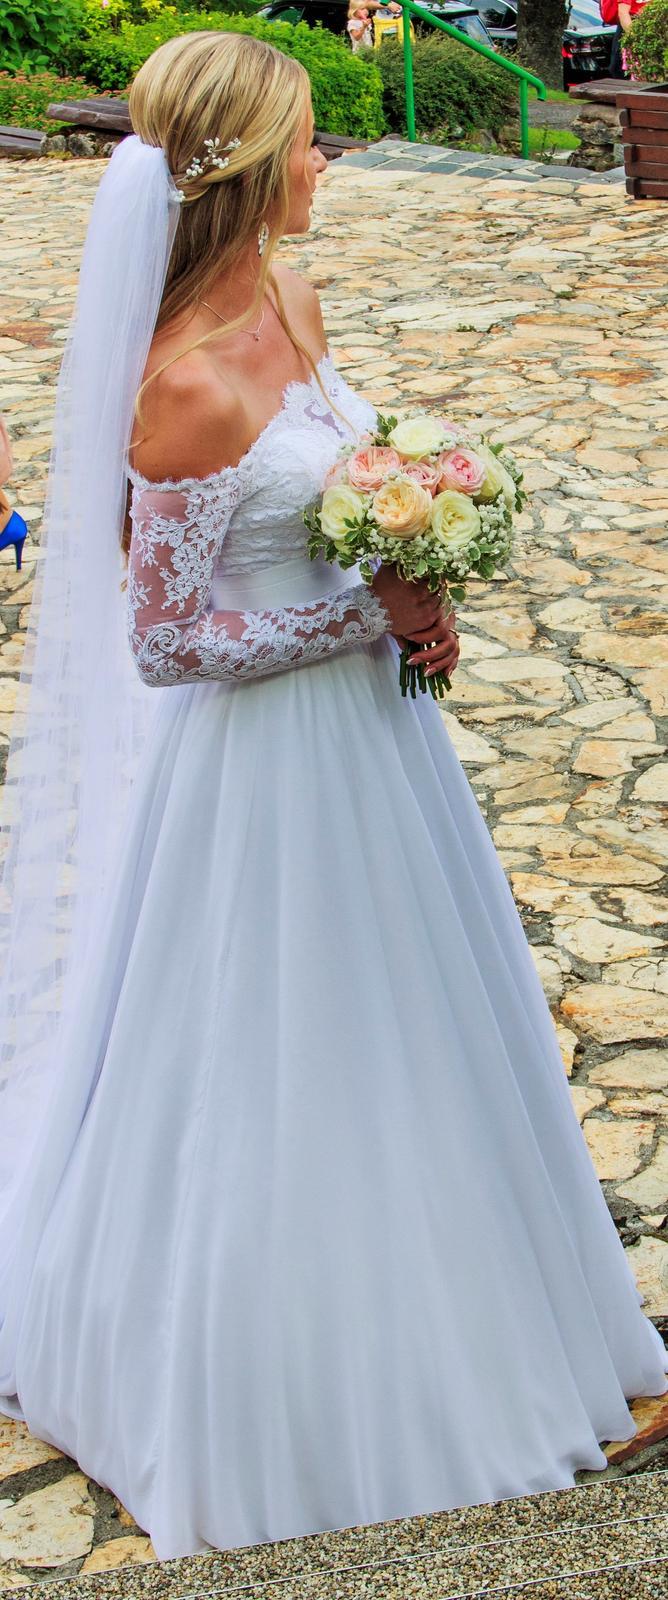 Svadobné šaty Irian Sam 34/36 - Obrázok č. 1